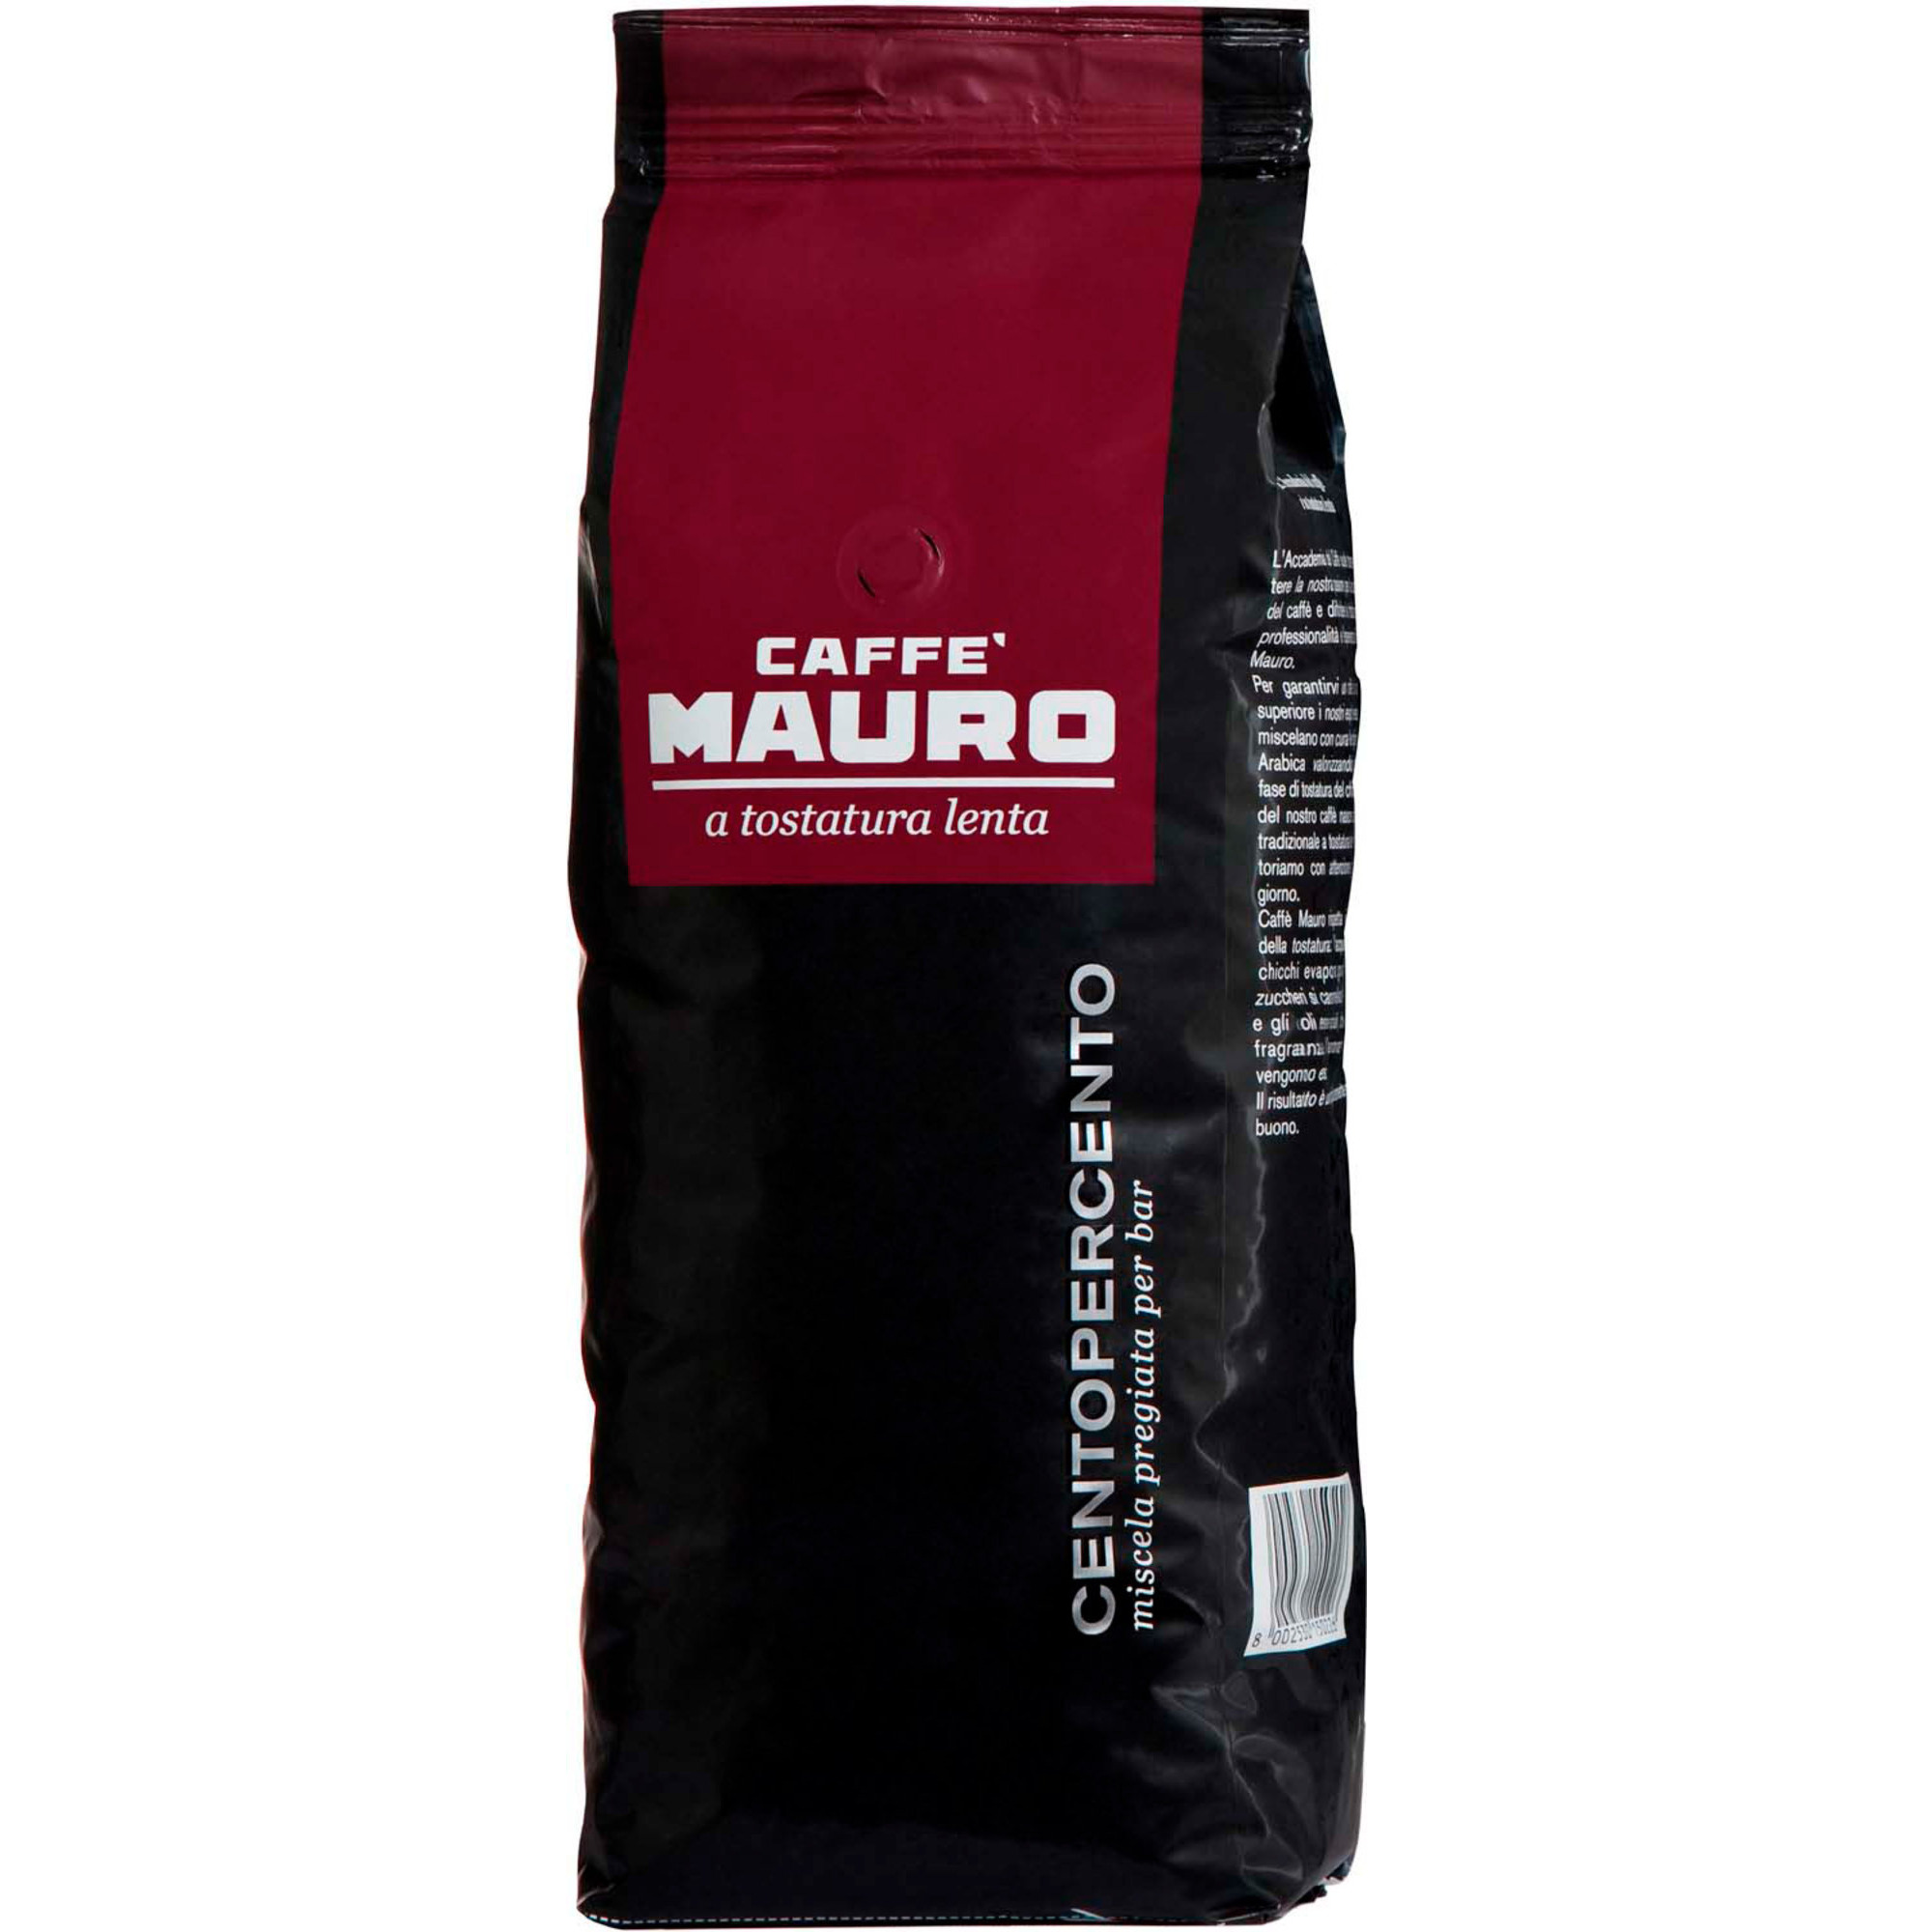 Caffè Mauro Caffè Mauro Centopercento 1 Kg